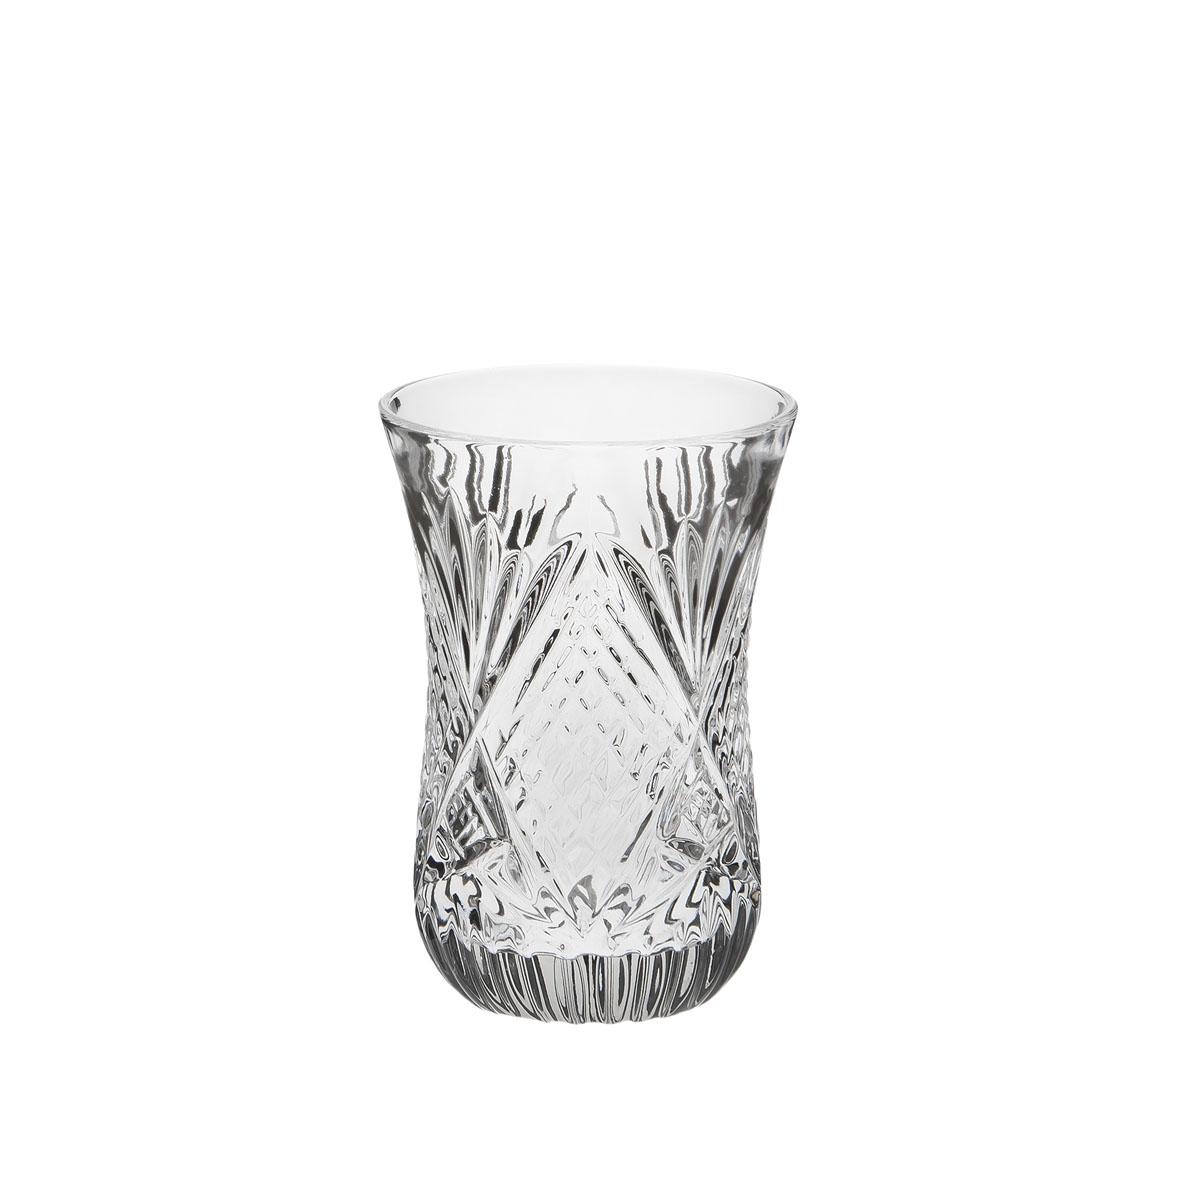 Стакан Дятьковский хрусталь Восточный, 125 мл. С998VT-1520(SR)Хрустальные стаканы – красивое и простое решение для украшения праздничного стола. Стаканы из хрусталя универсальны, они подойдут и для алкогольных напитков – вина, шампанского, и для освежающих – минеральной воды, компота или сока. Если в вашей домашней коллекции еще нет предметов хрустальной посуды, купить хрустальные стаканы стоит обязательно.